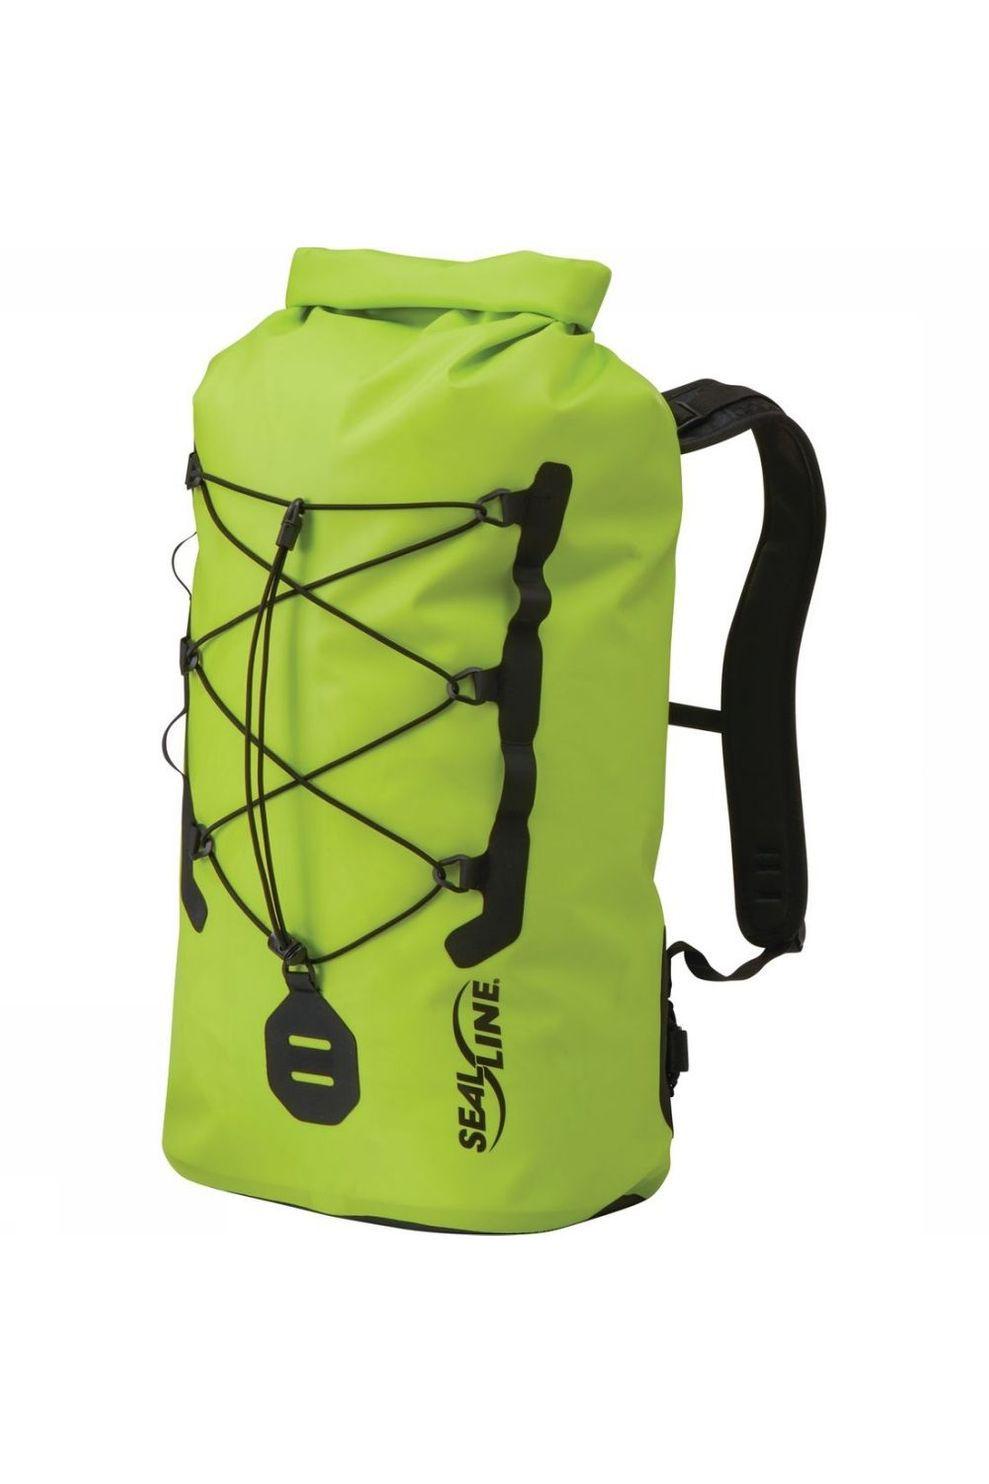 Sealline Tourpack Bigfork Pack - Limoen Groen